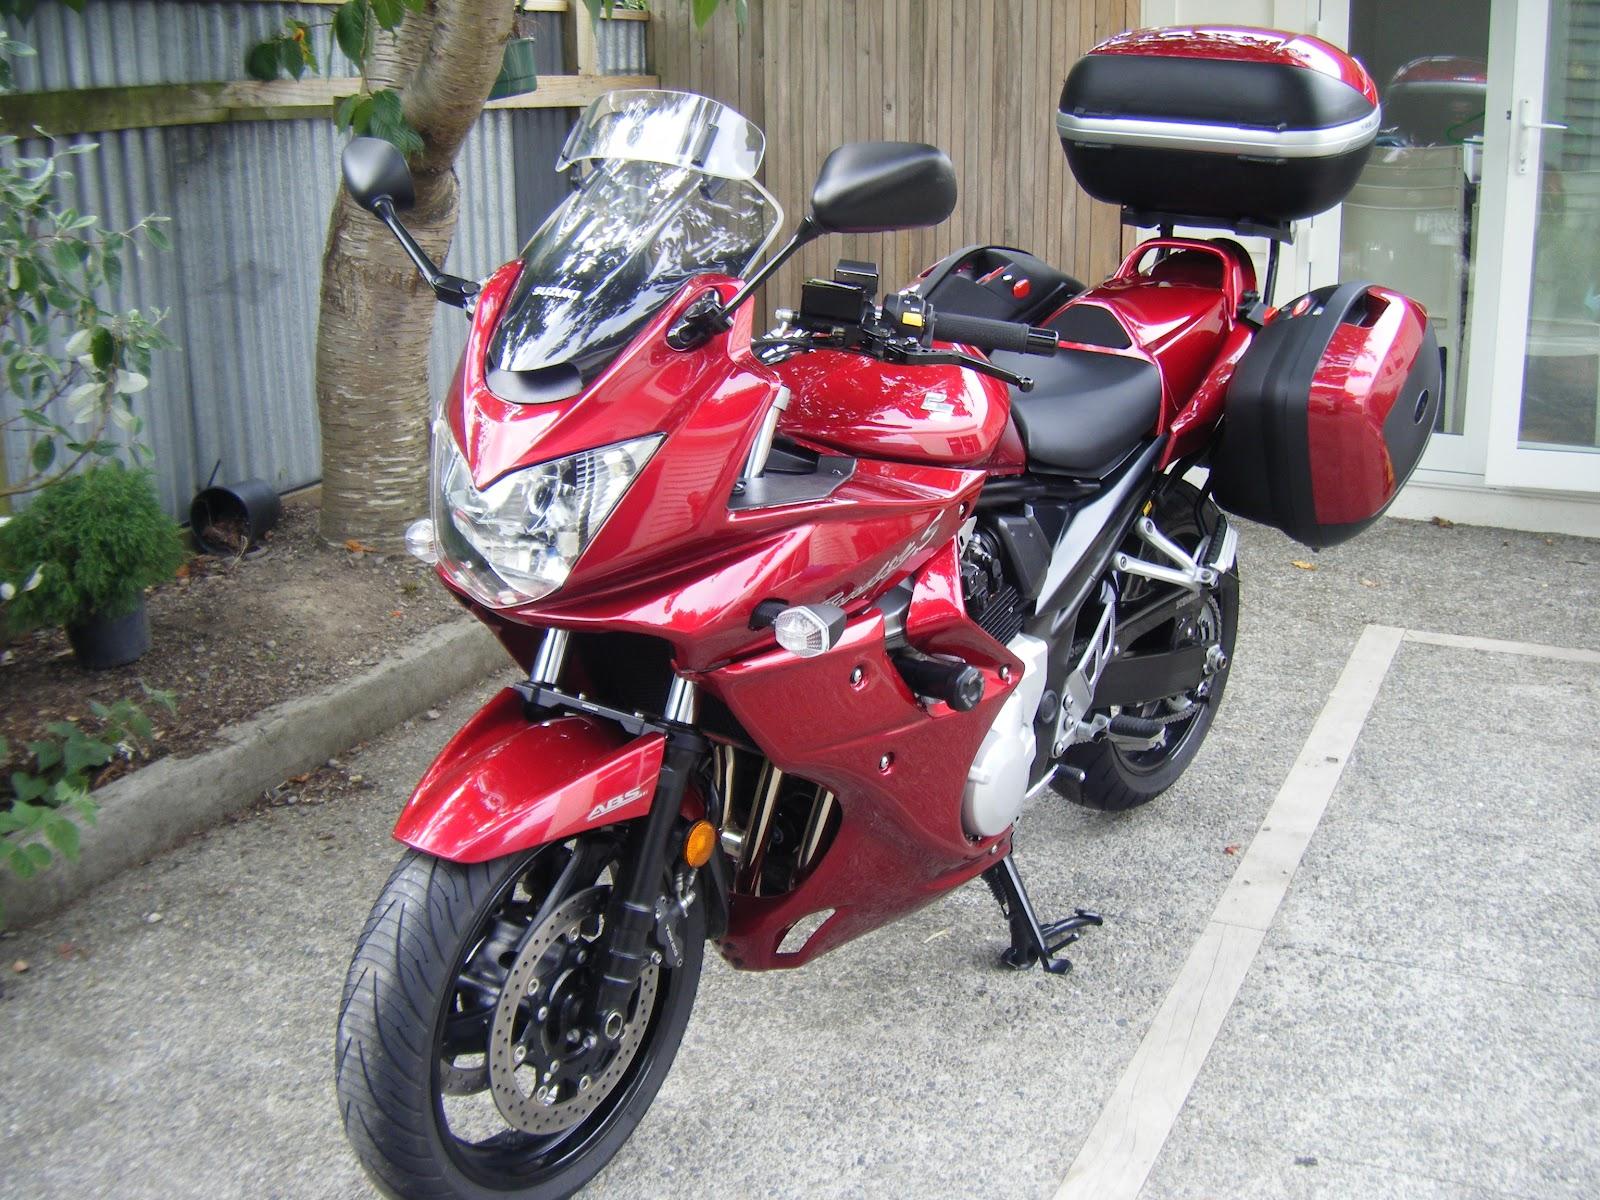 Suzuki Bandit Seat